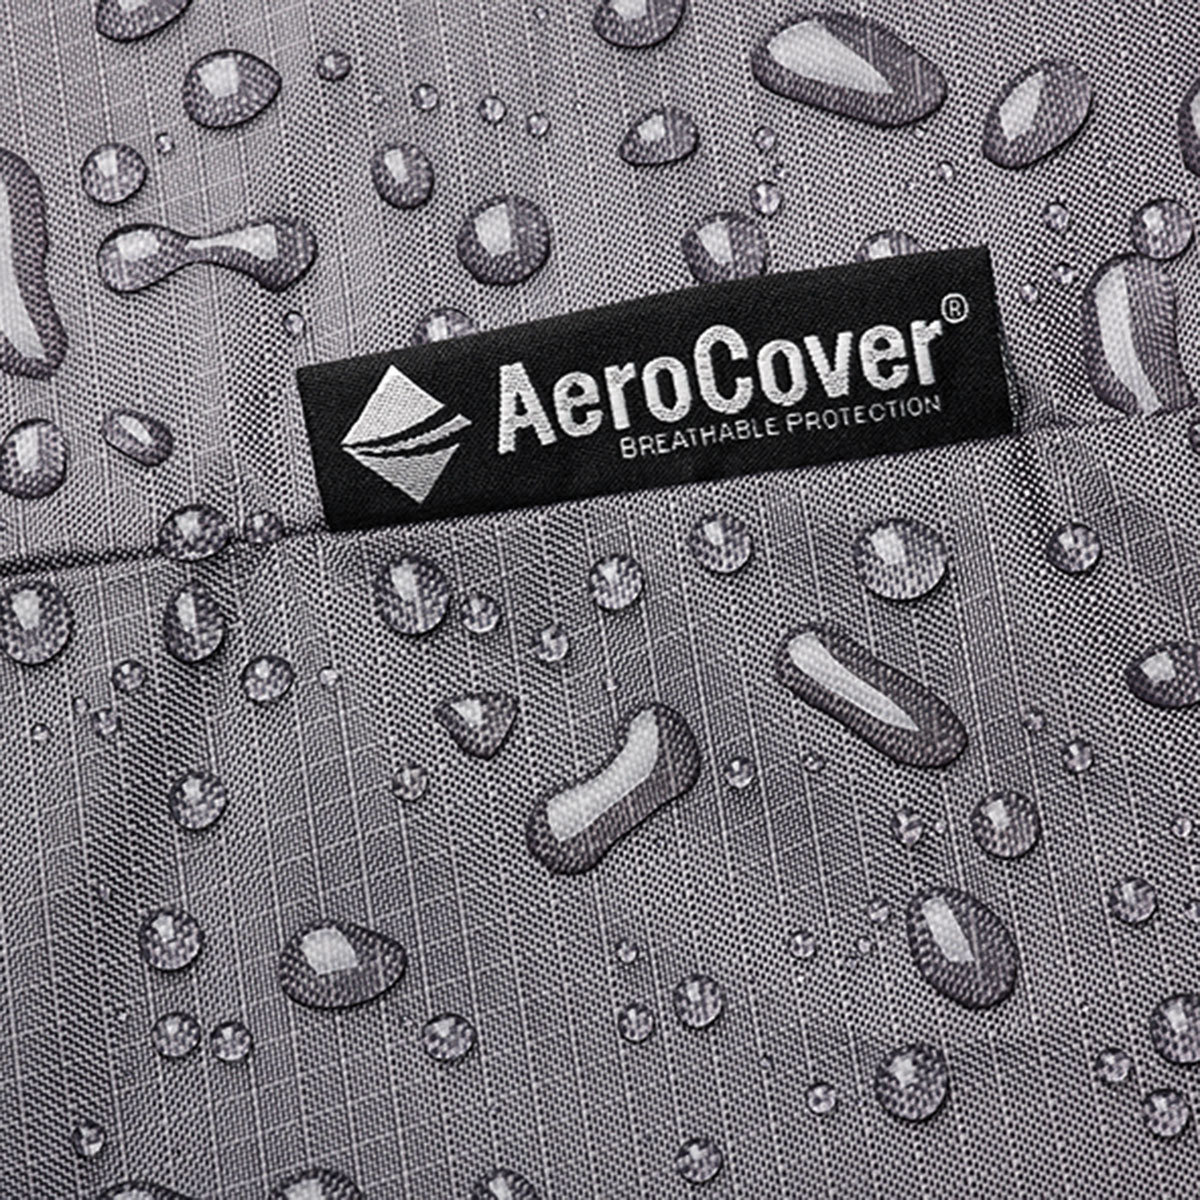 Schutzhülle AeroCover für Bänke, 130 cm | #4